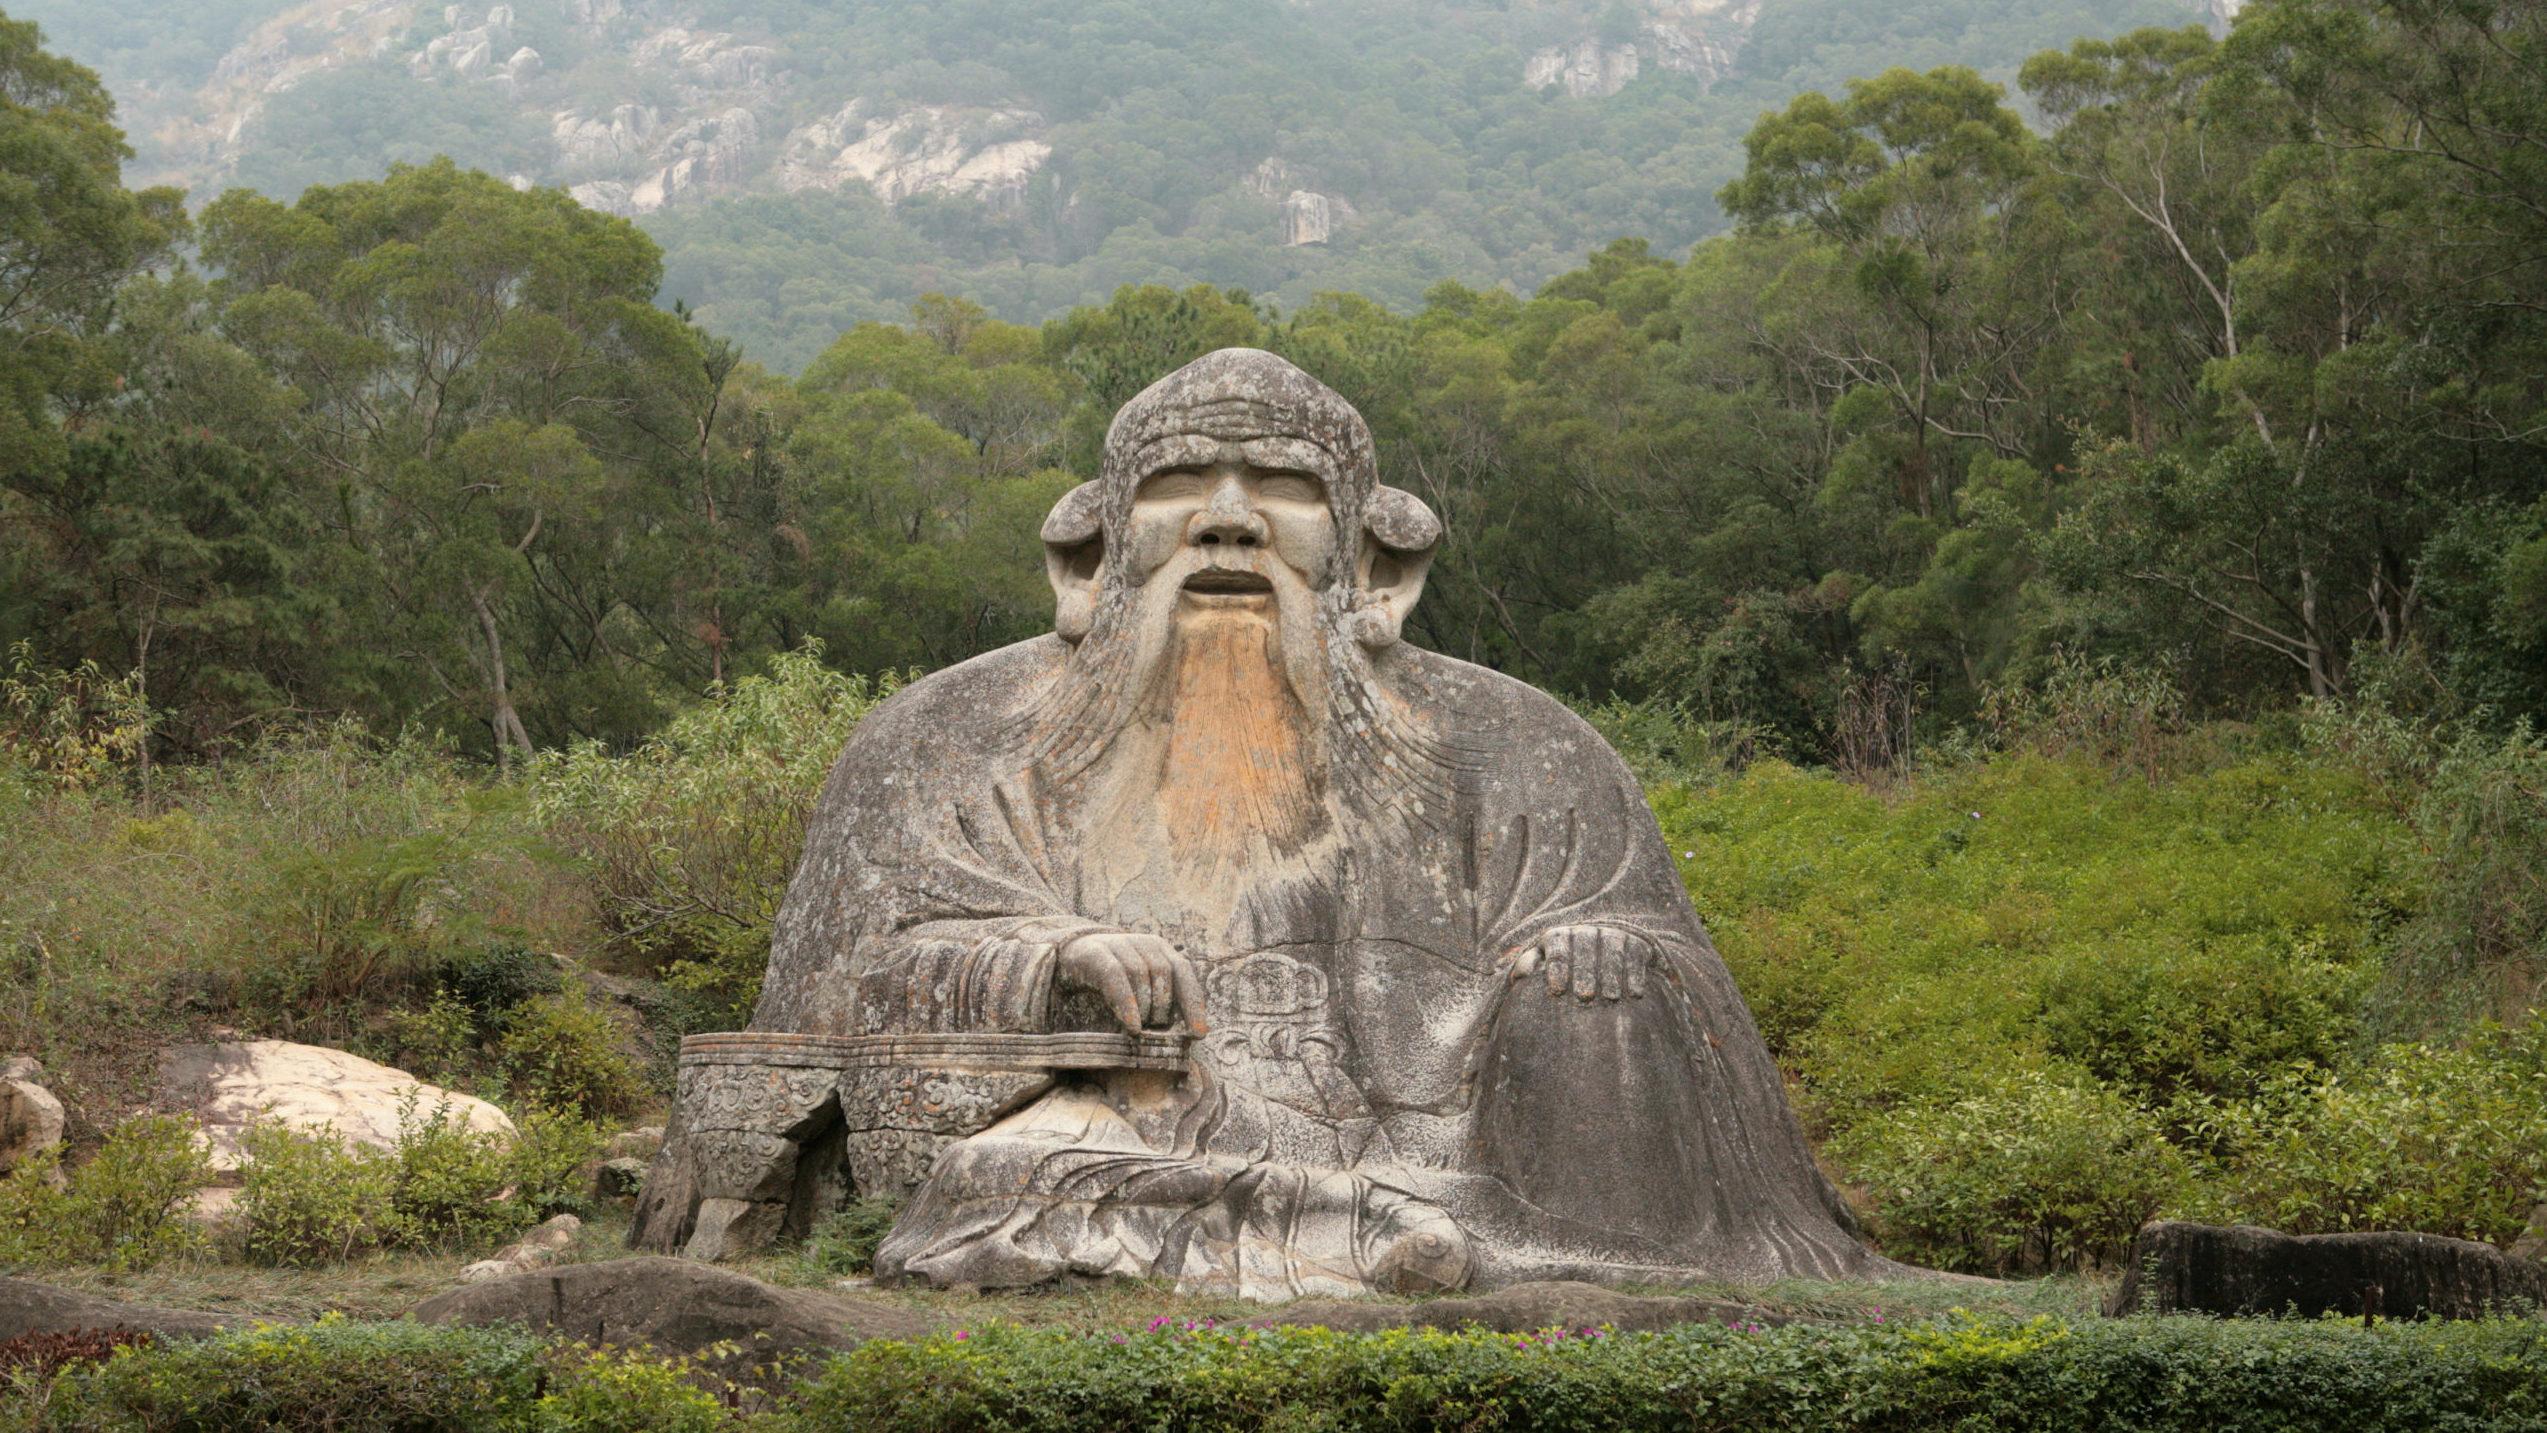 Laudato si' e Laozi. Ripensare clima, Terra, giustizia fra Cina e Occidente